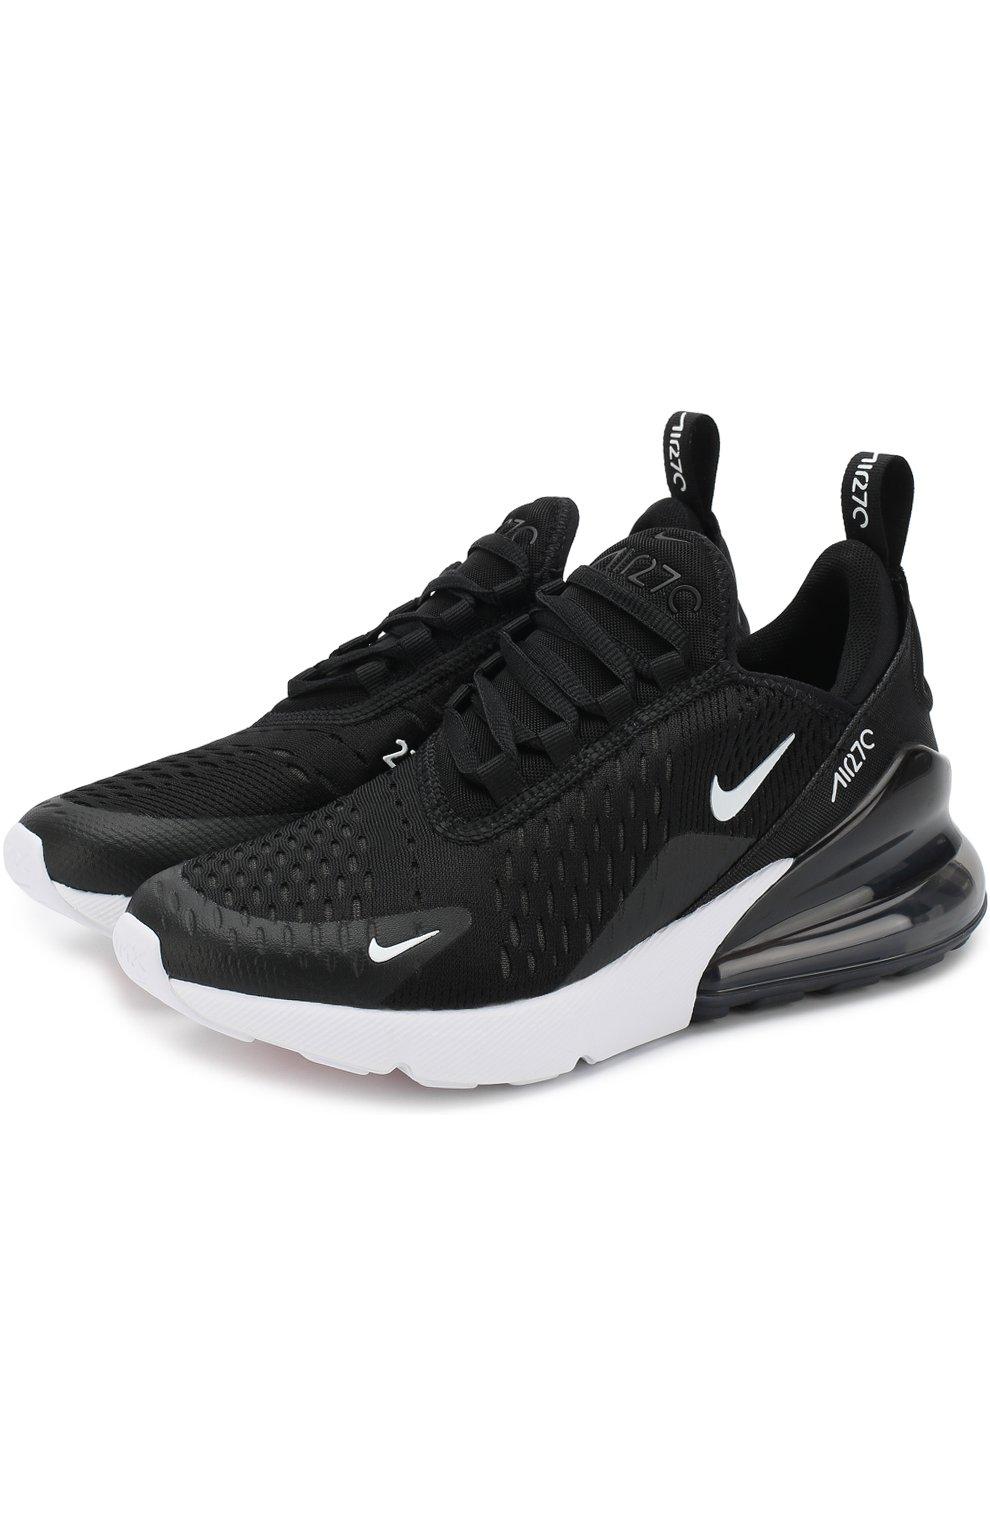 ba4f452d67c2 Детские кроссовки nike air max 270 NIKE черно-белого цвета — купить ...